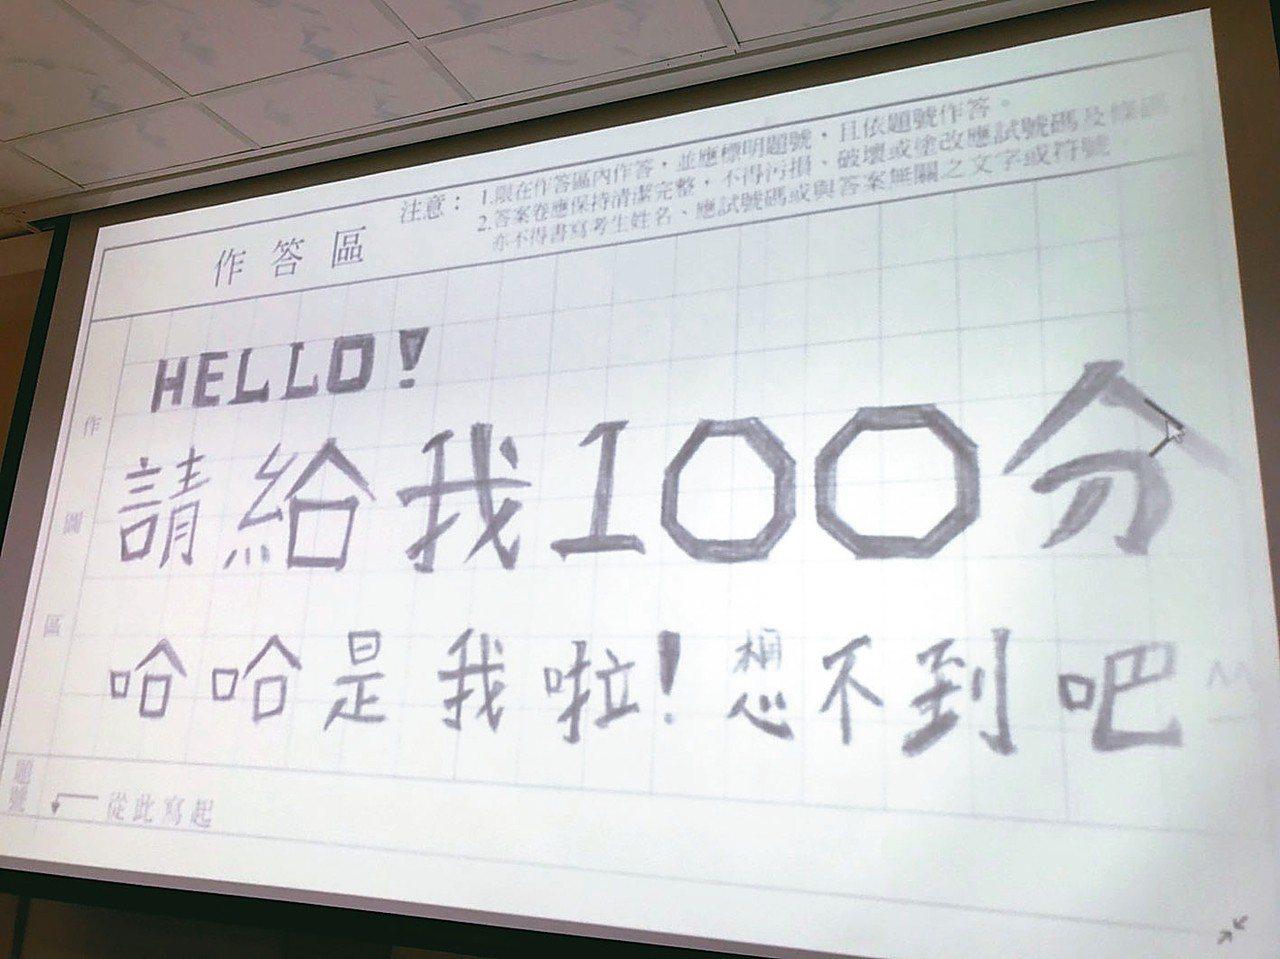 大考中心公布指考違規試卷,有考生在試卷上寫無關答案的文字。 記者馮靖惠/攝影